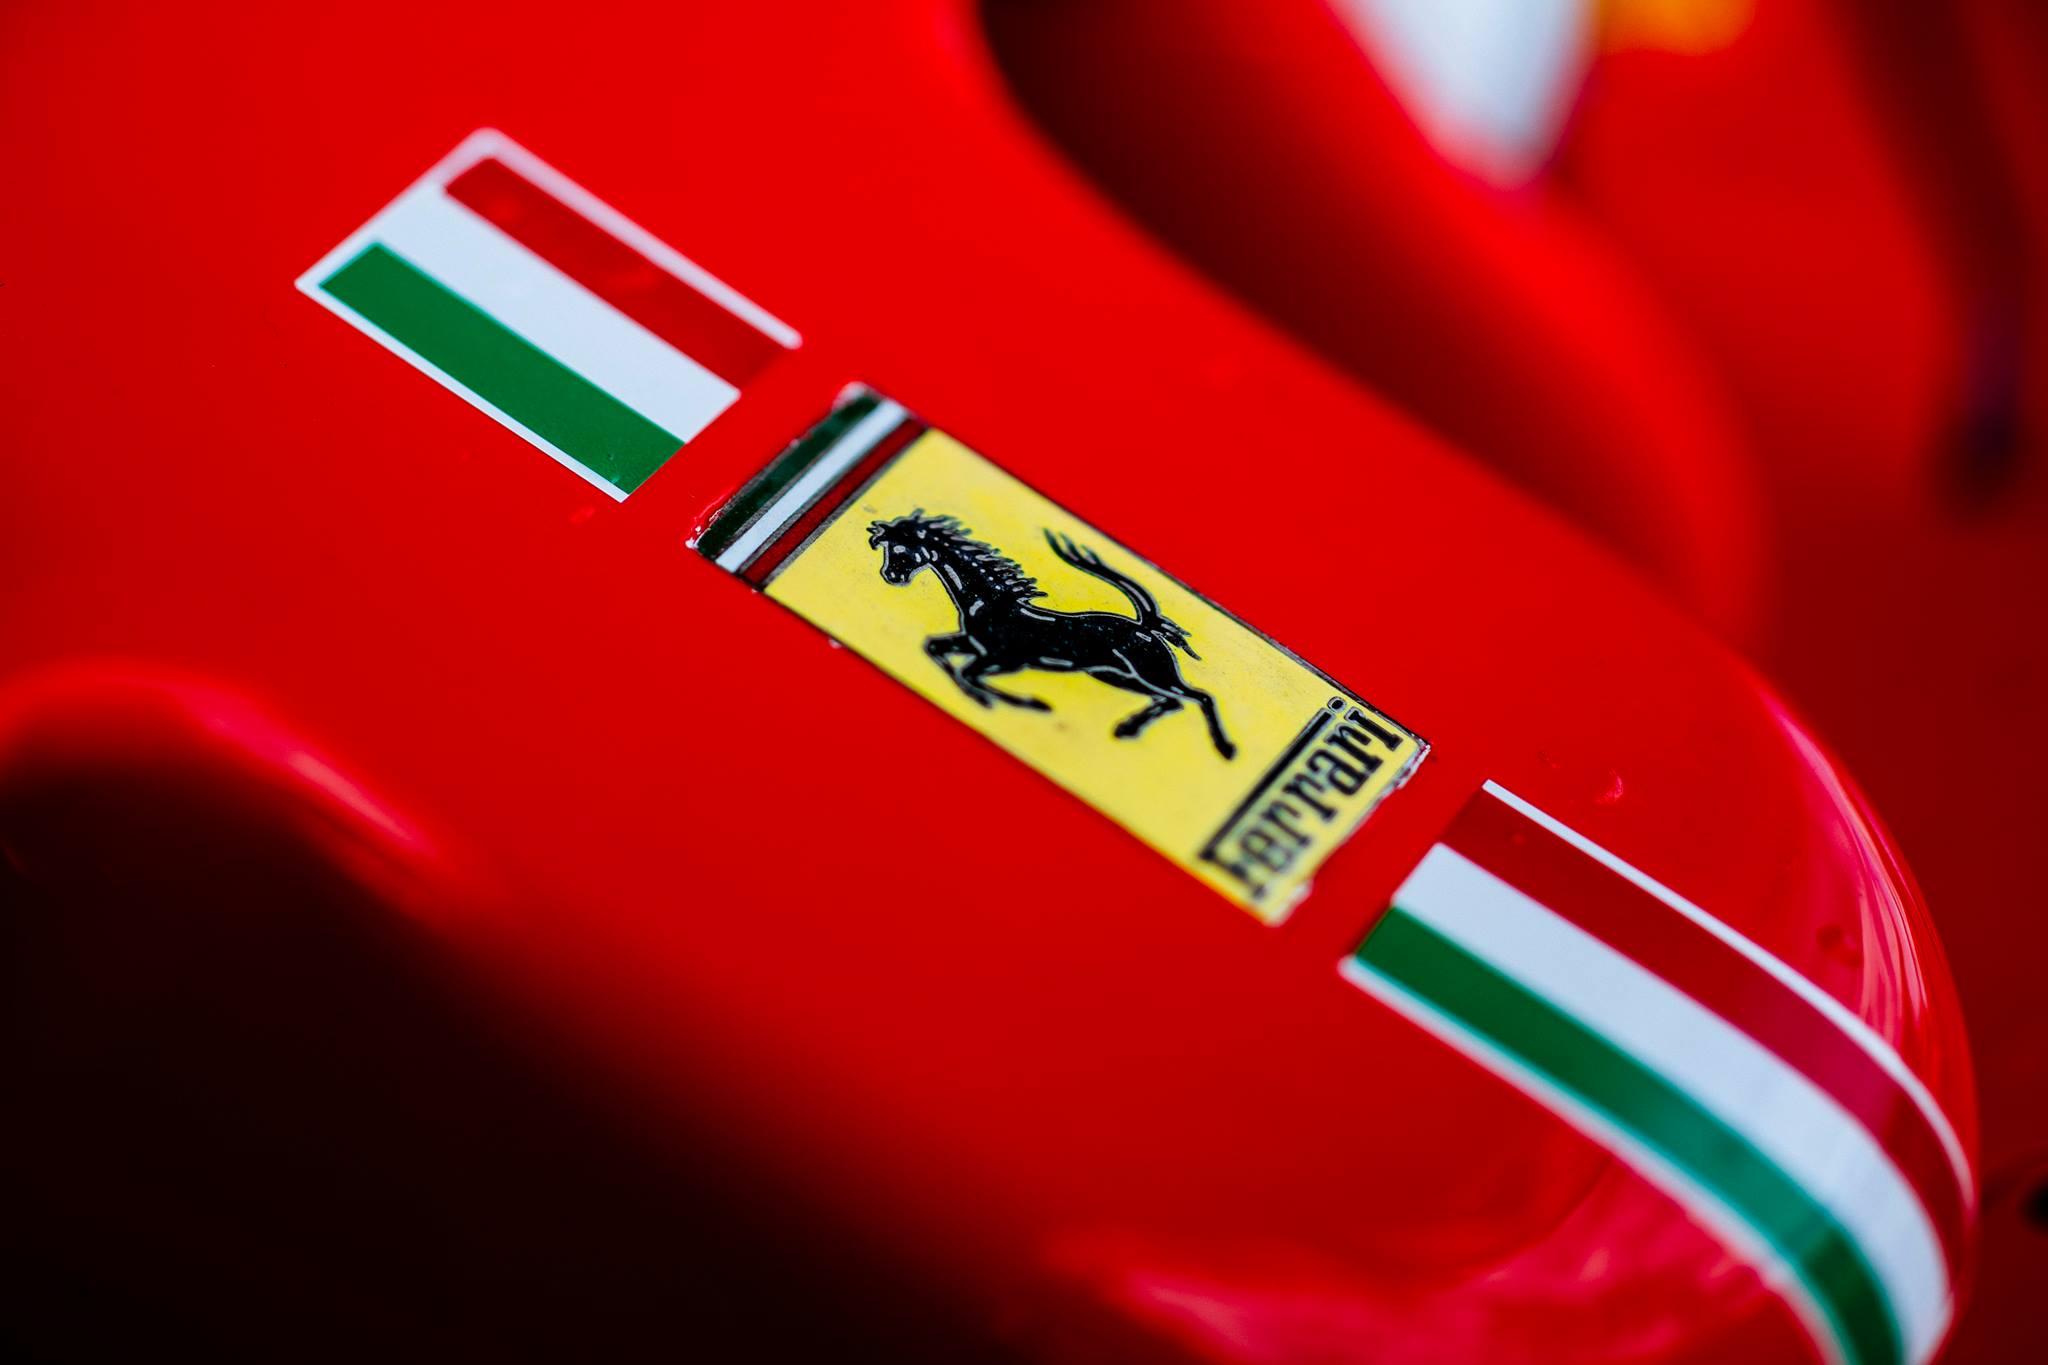 2016 F1 Payments - Ferrari F1 Team